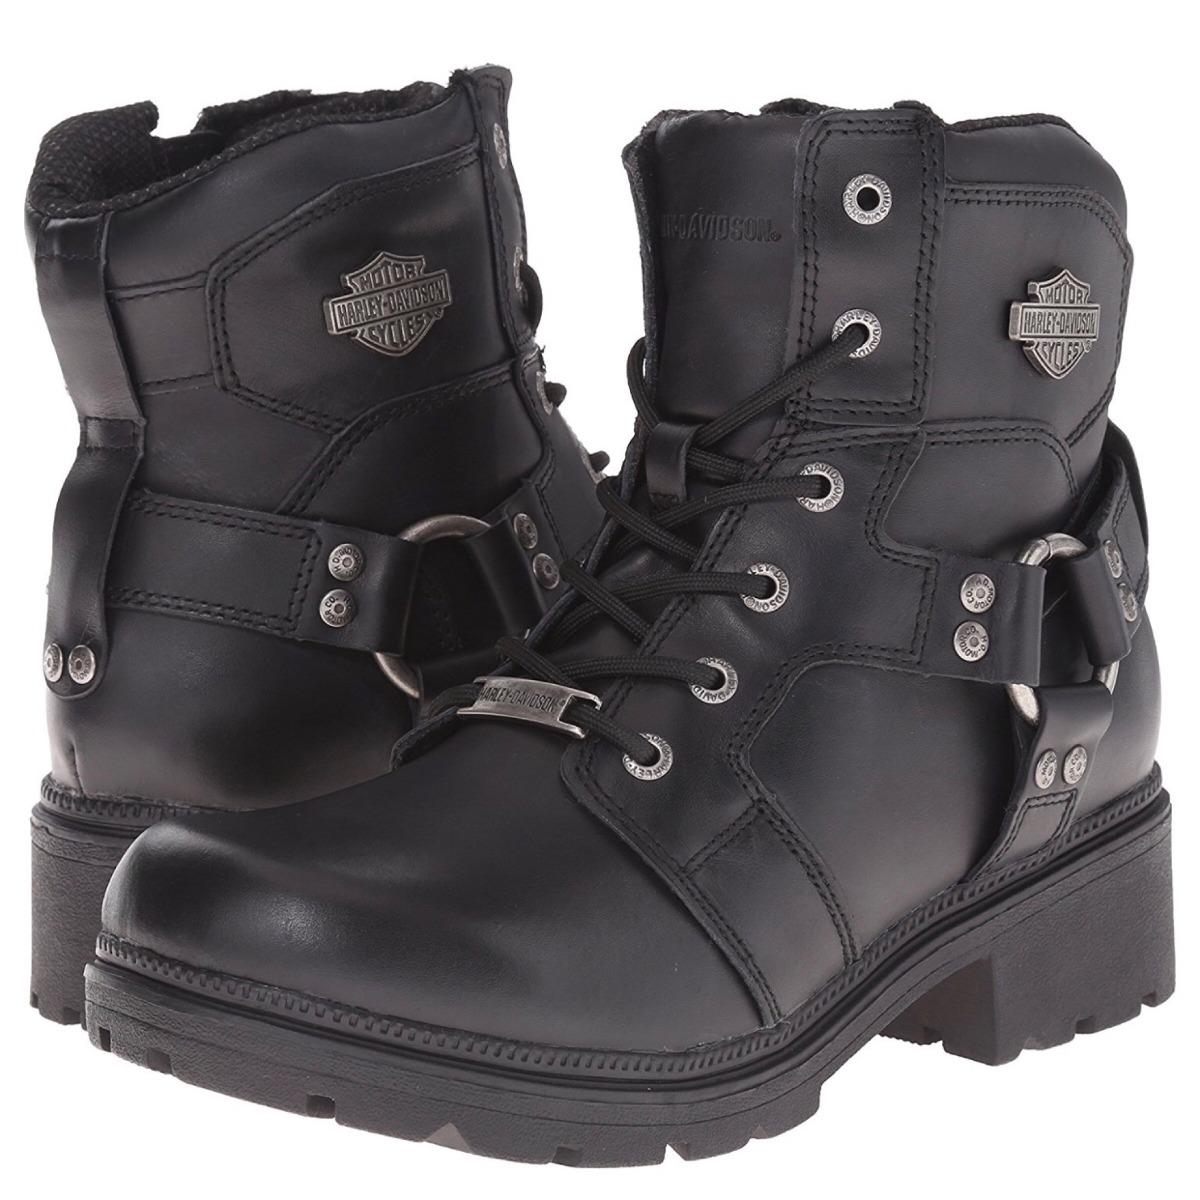 4a9746ec79a botas harley davidson para dama biker moto piel. Cargando zoom.